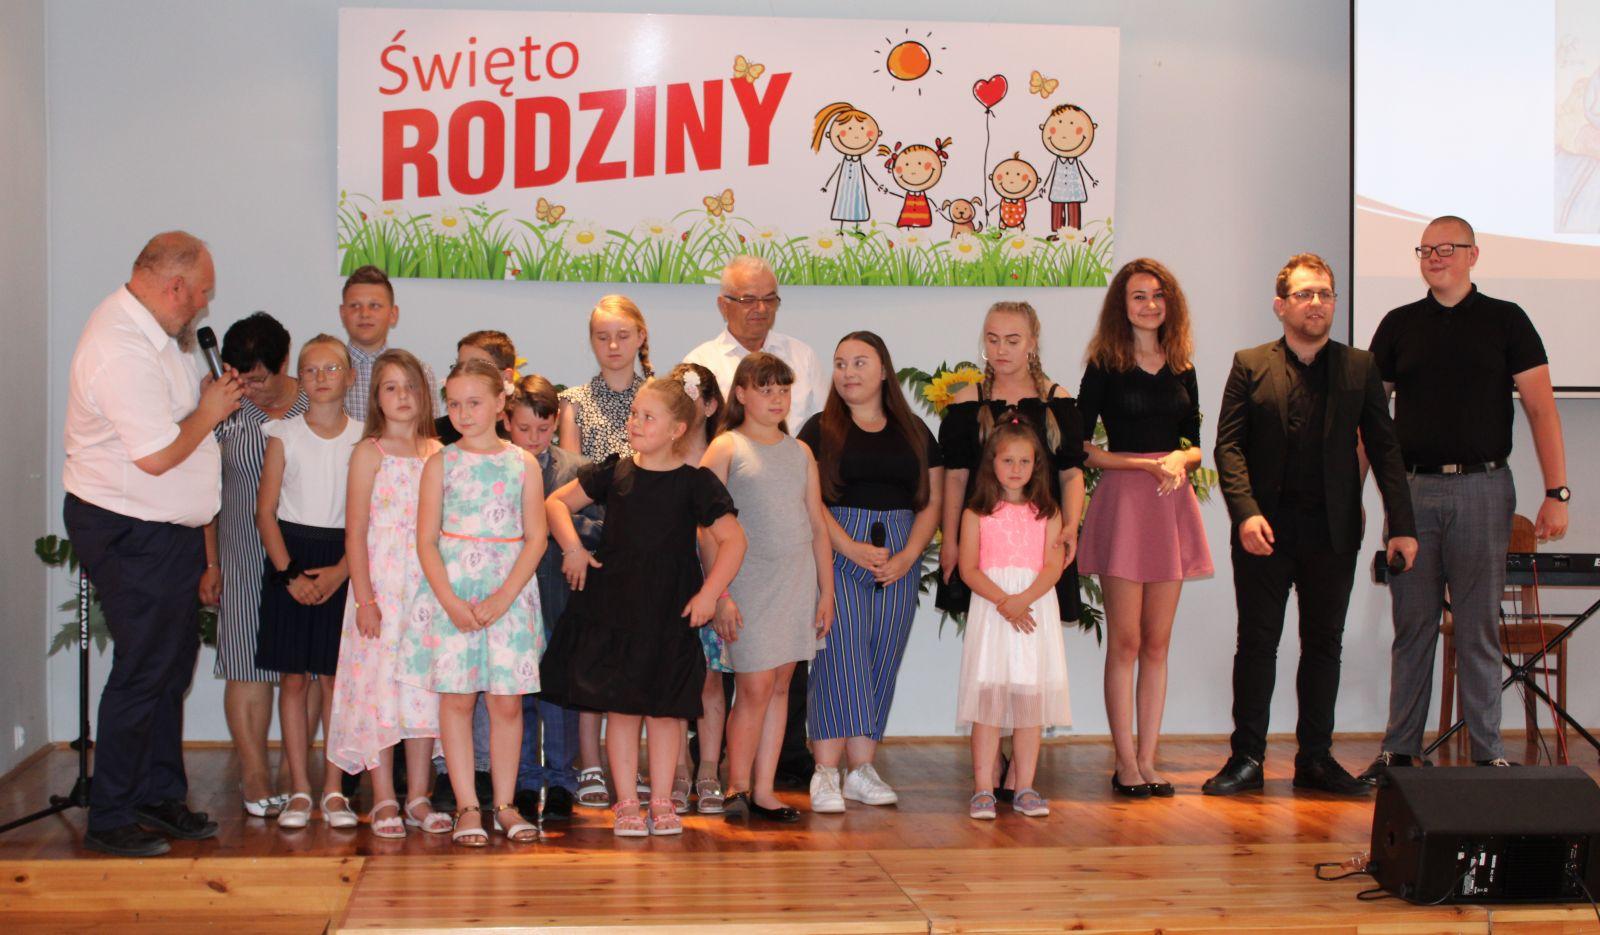 Zdjęcie uczestników wydarzenia Święto Rodziny.